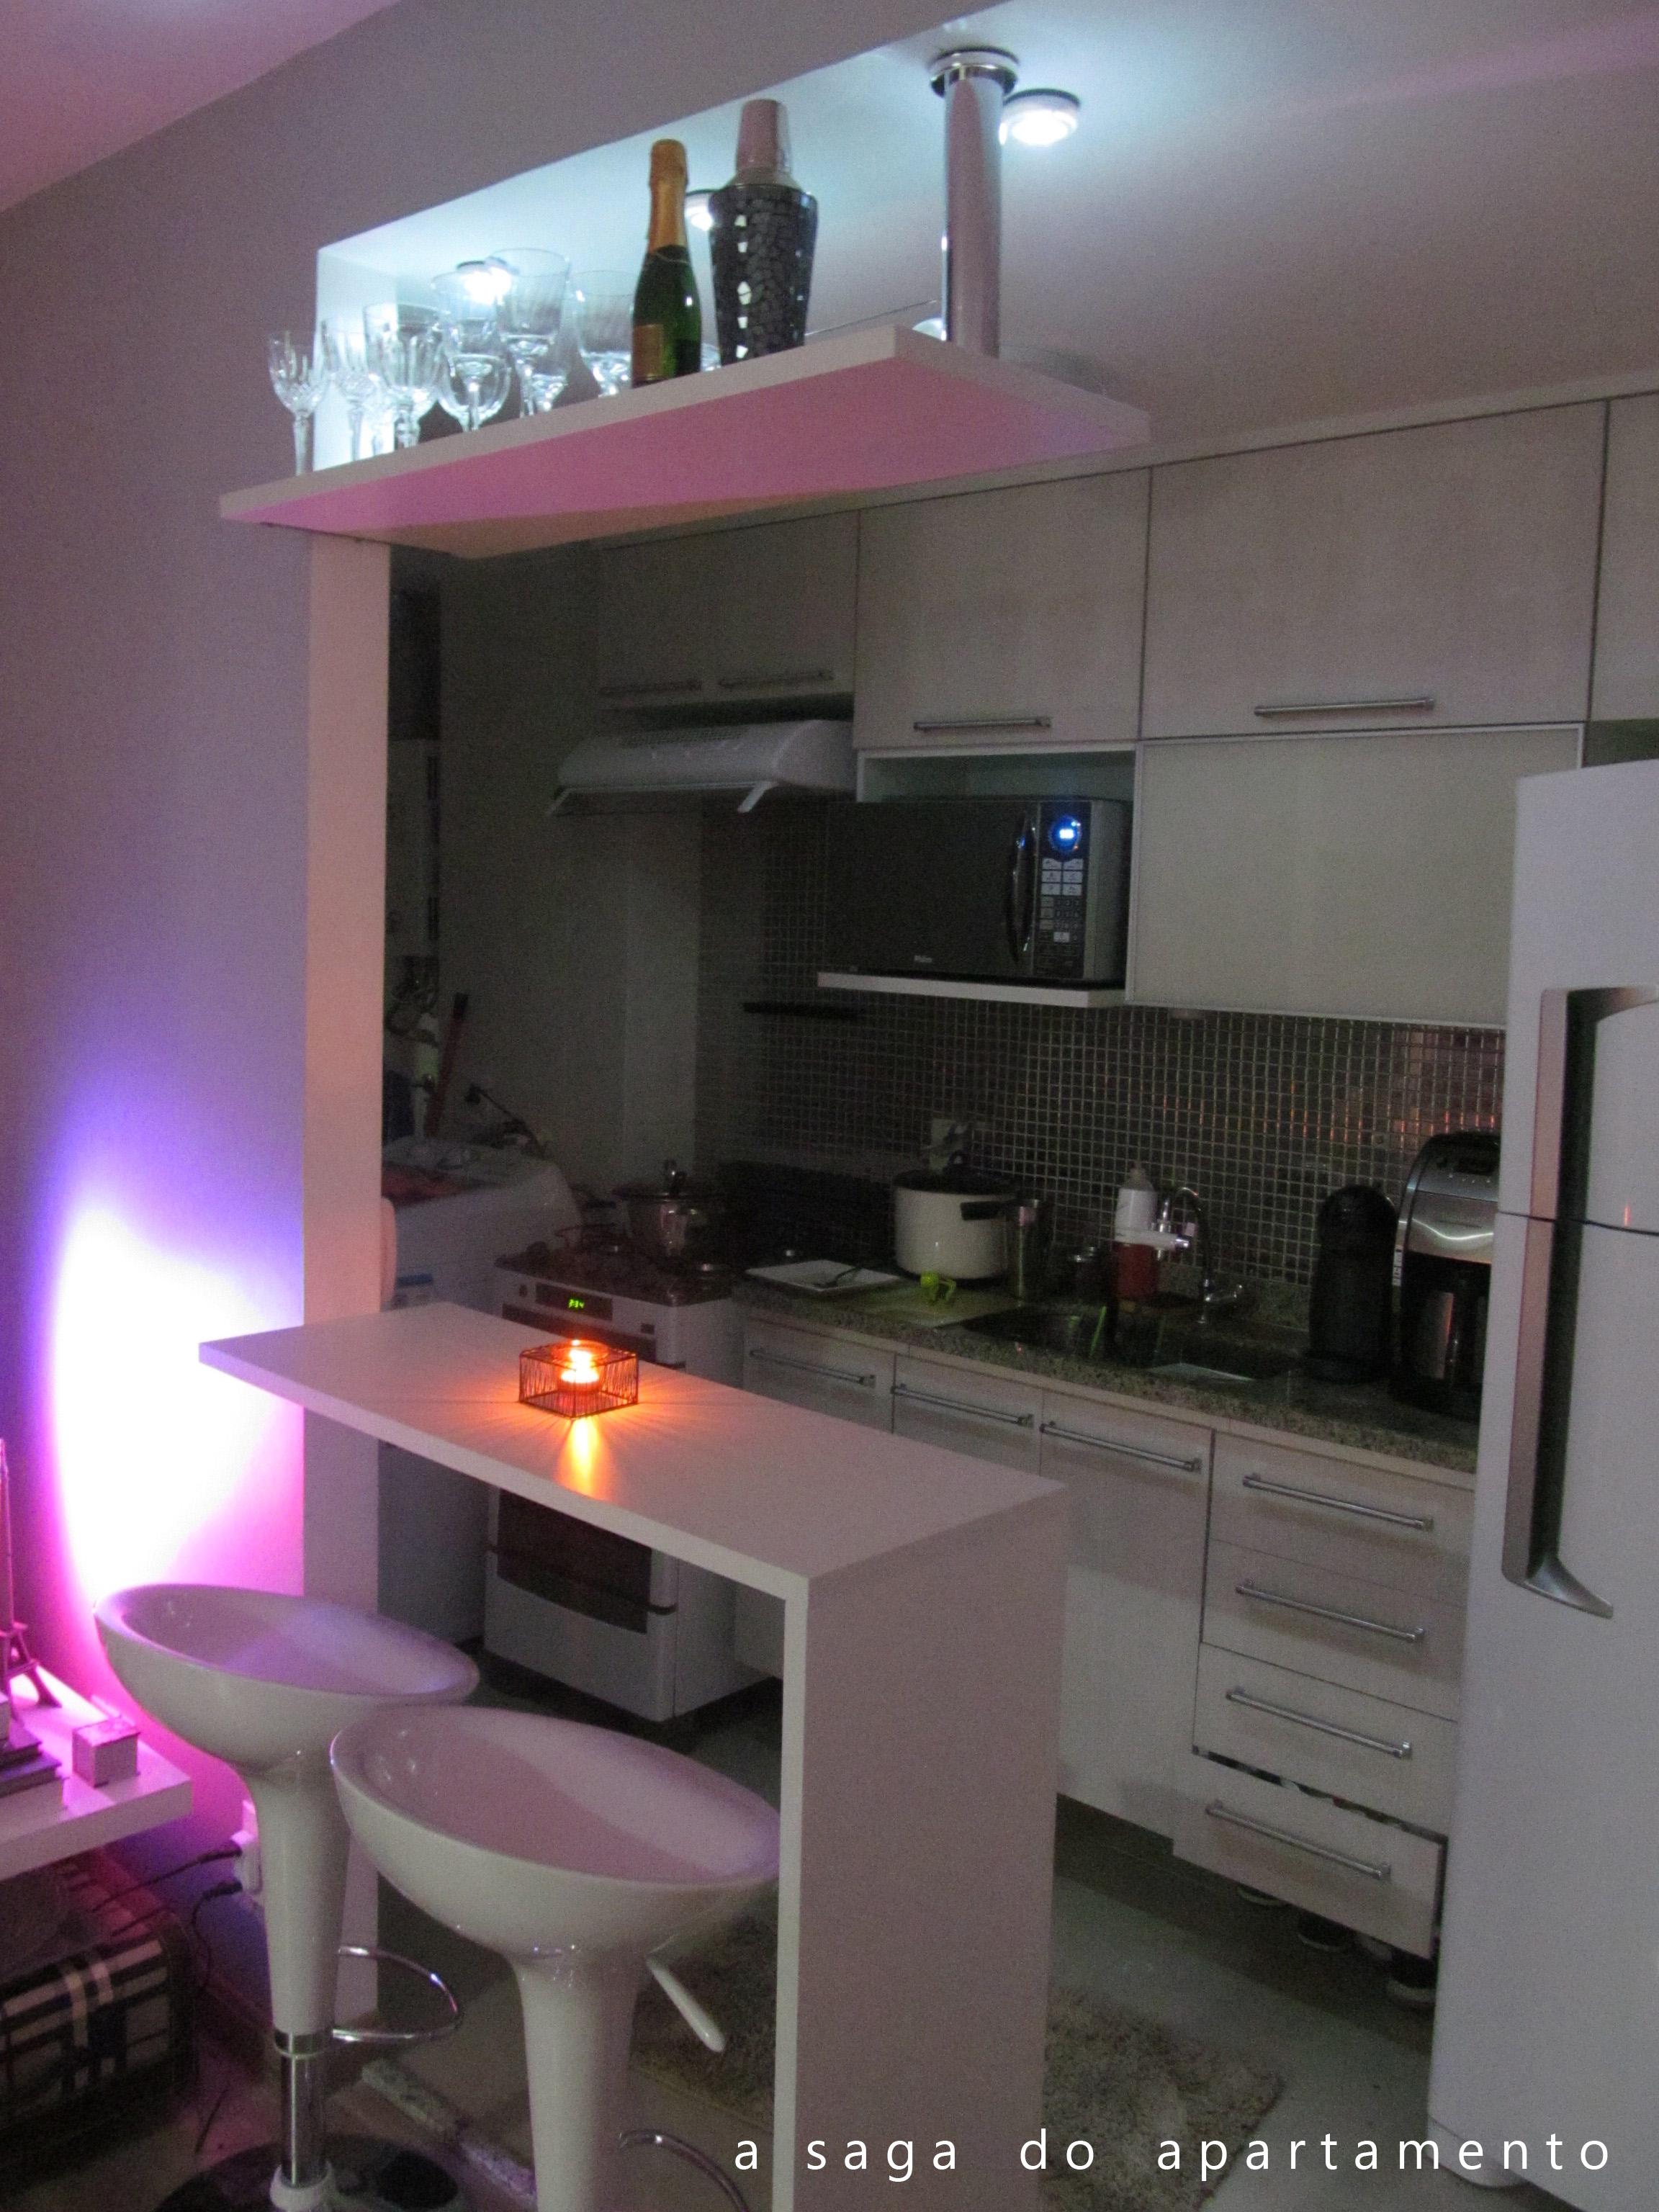 Com uma iluminaçãozinha tudo fica mais bonito não é?! :) #921AB1 2304 3072